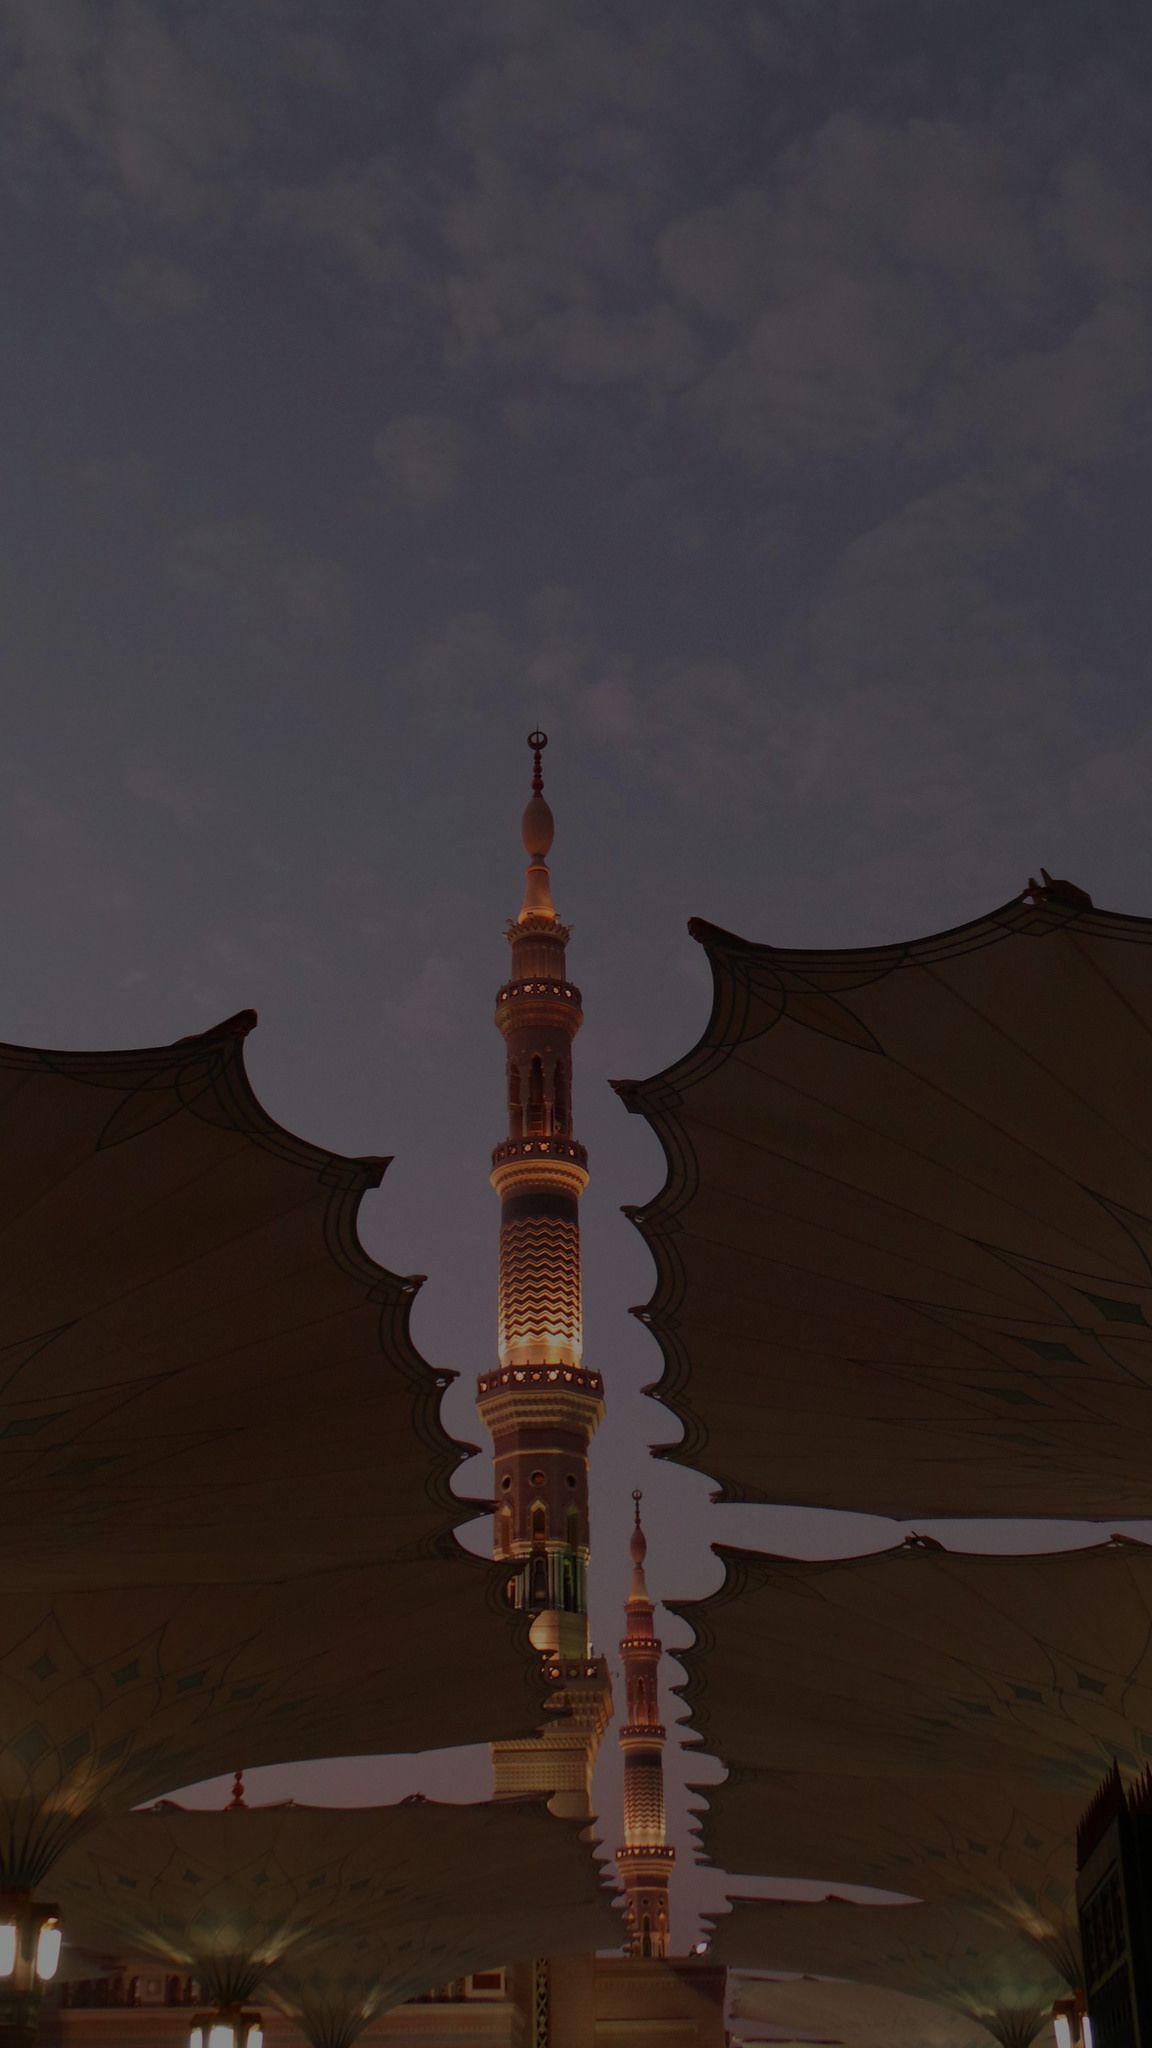 المسجد النبوي الشريف في المدينة المنورة Arsitektur Budaya Fotografi Arsitektur Wallpaper Islami